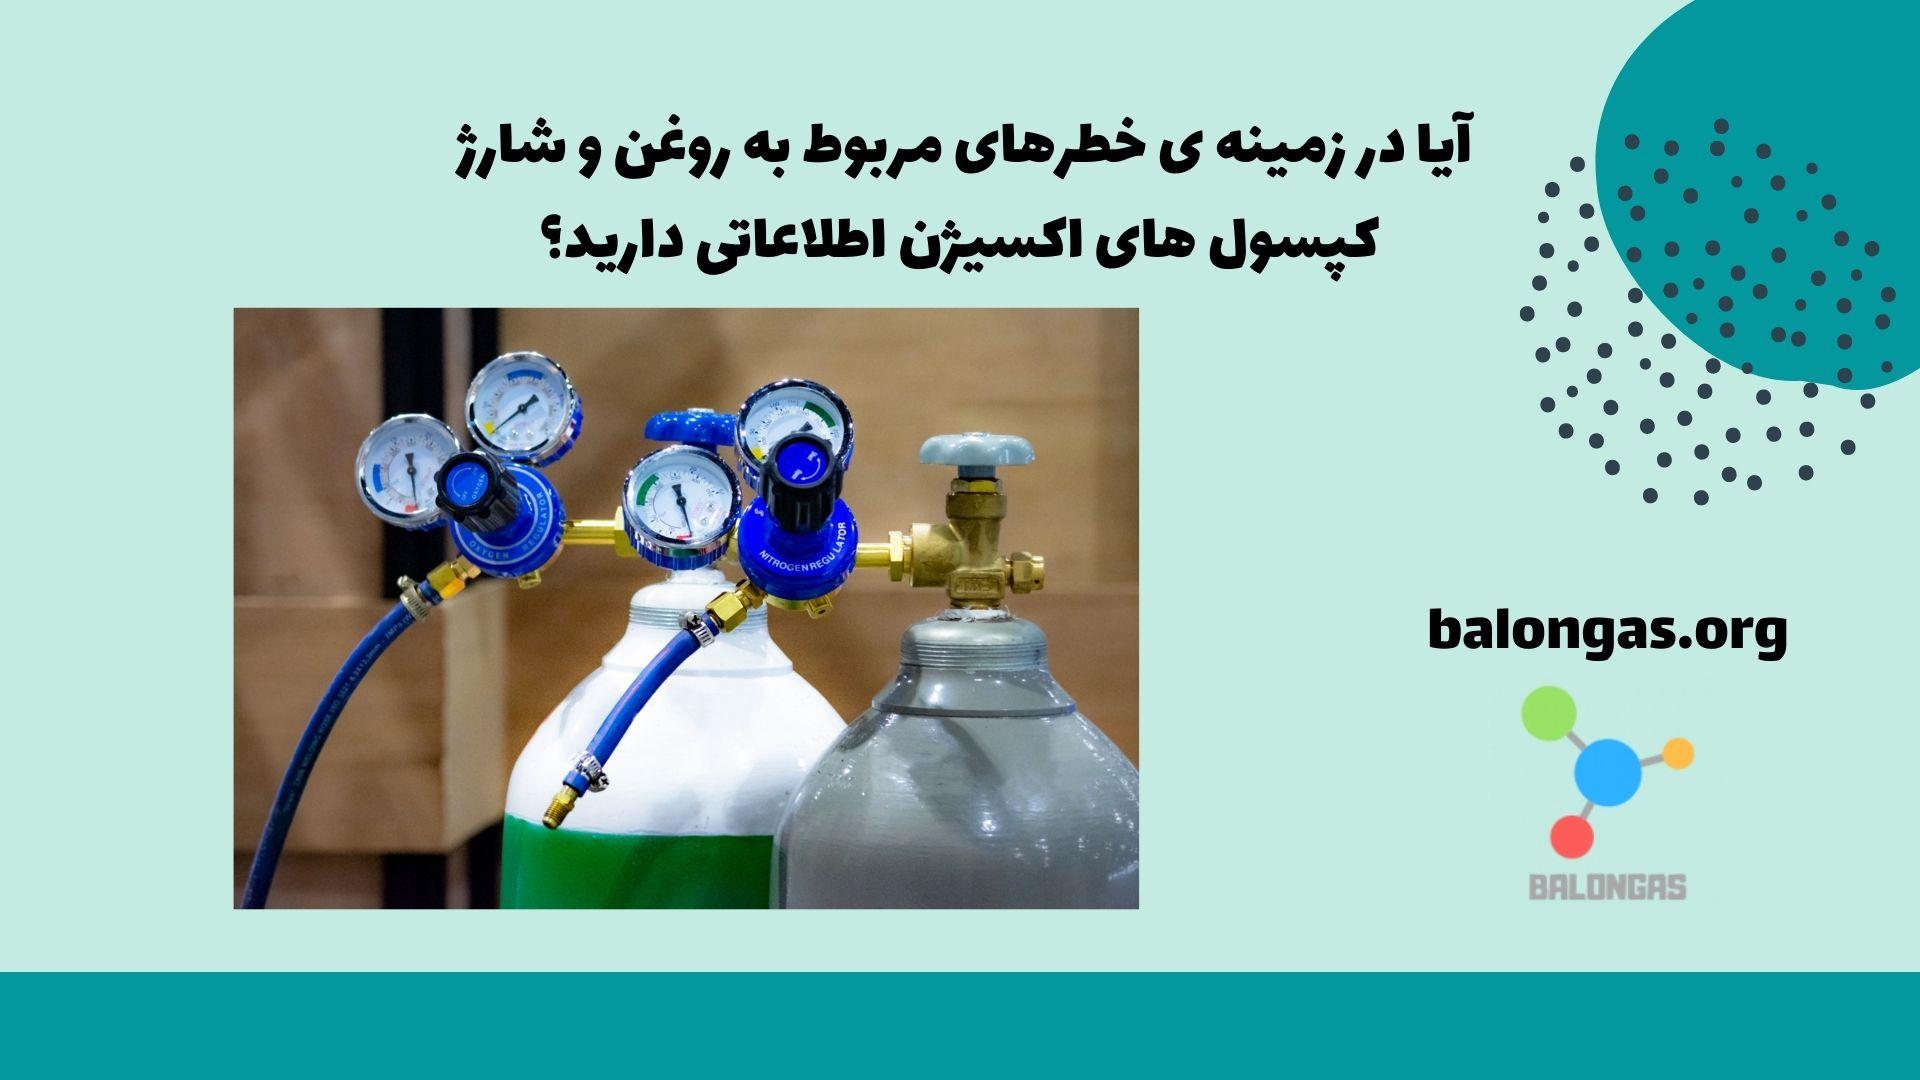 آیا در زمینه ی خطرهای مربوط به روغن و شارژ کپسول های اکسیژن اطلاعاتی دارید؟